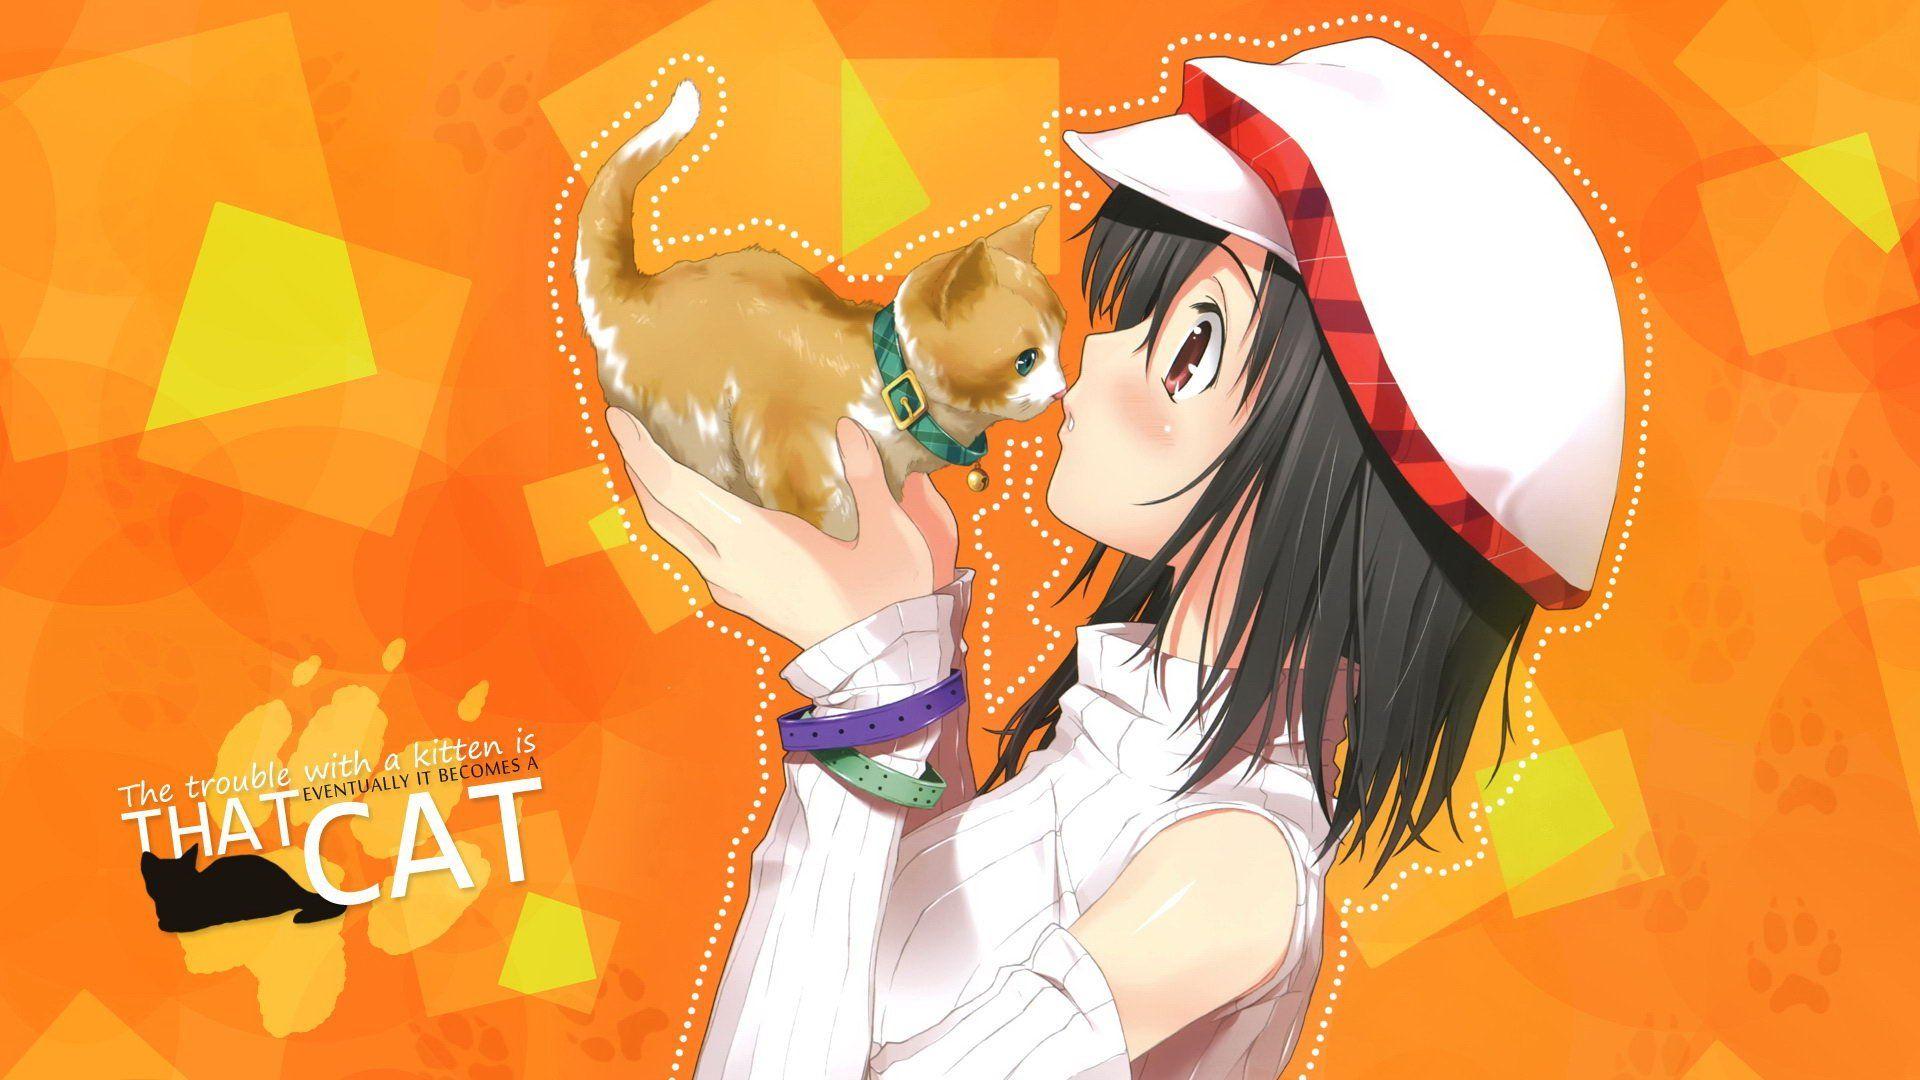 Anime Catgirl Hd Wallpaper Anime Wallpaper Better